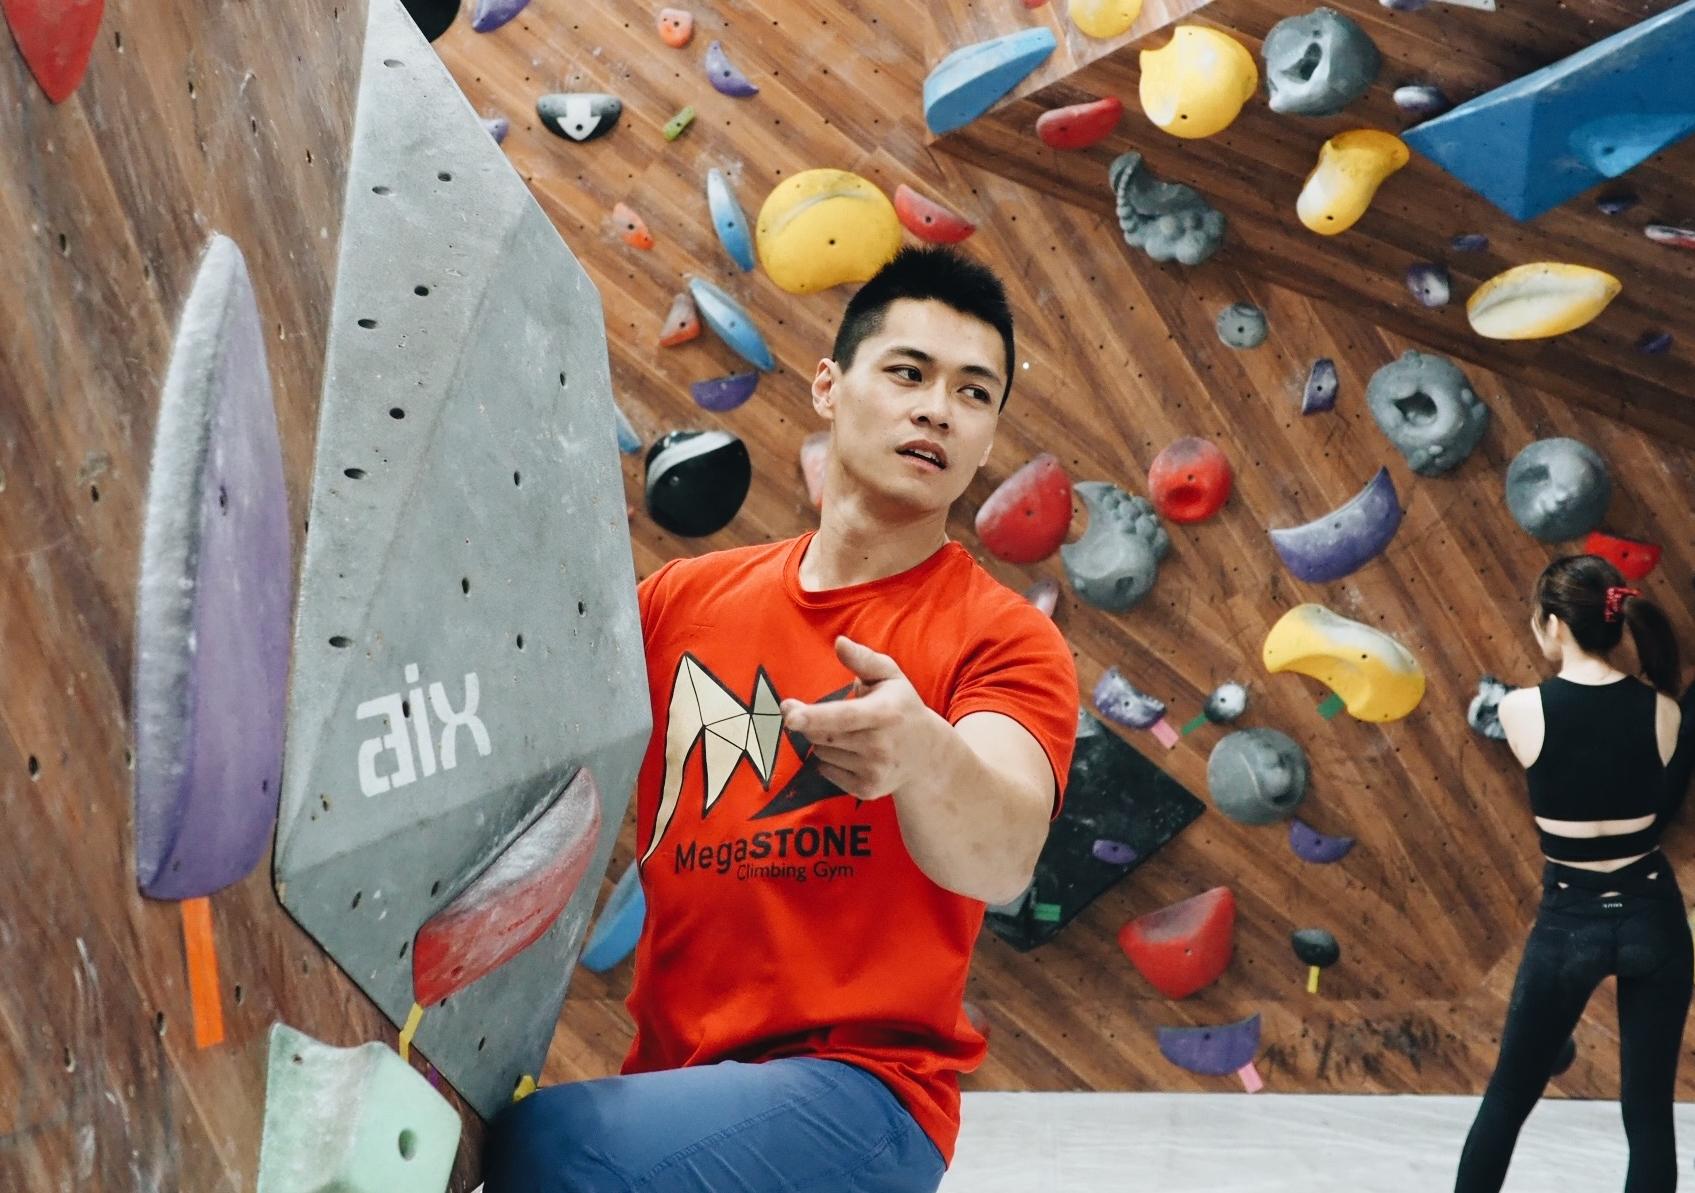 東京奧運新競技項目,健身運動的好選擇-館長老吳與Mega STONE攀岩館